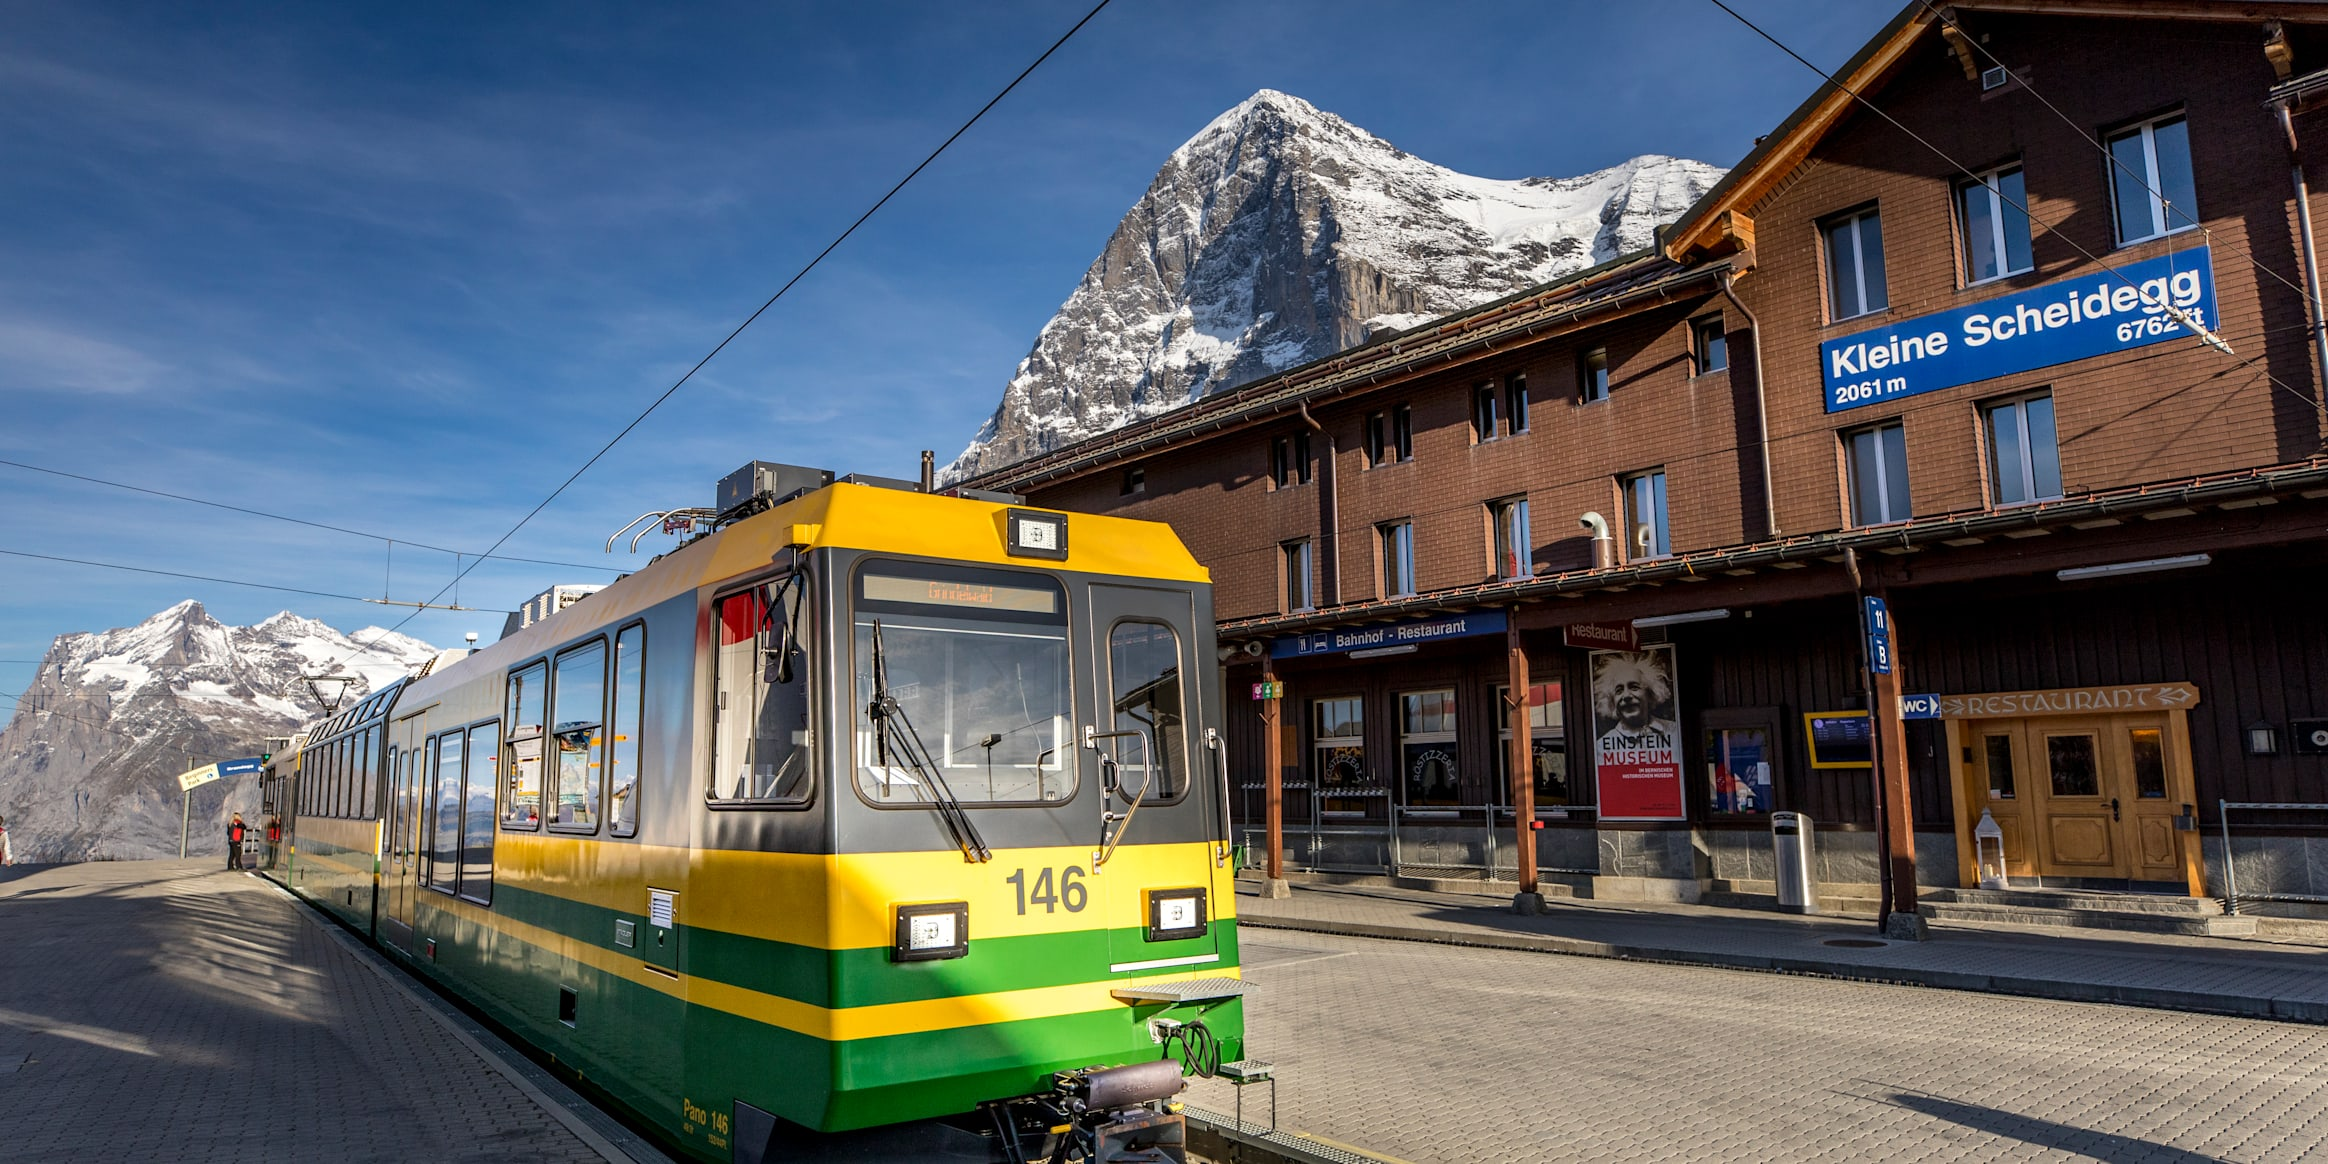 Bahnhof Kleine Scheidegg Winter